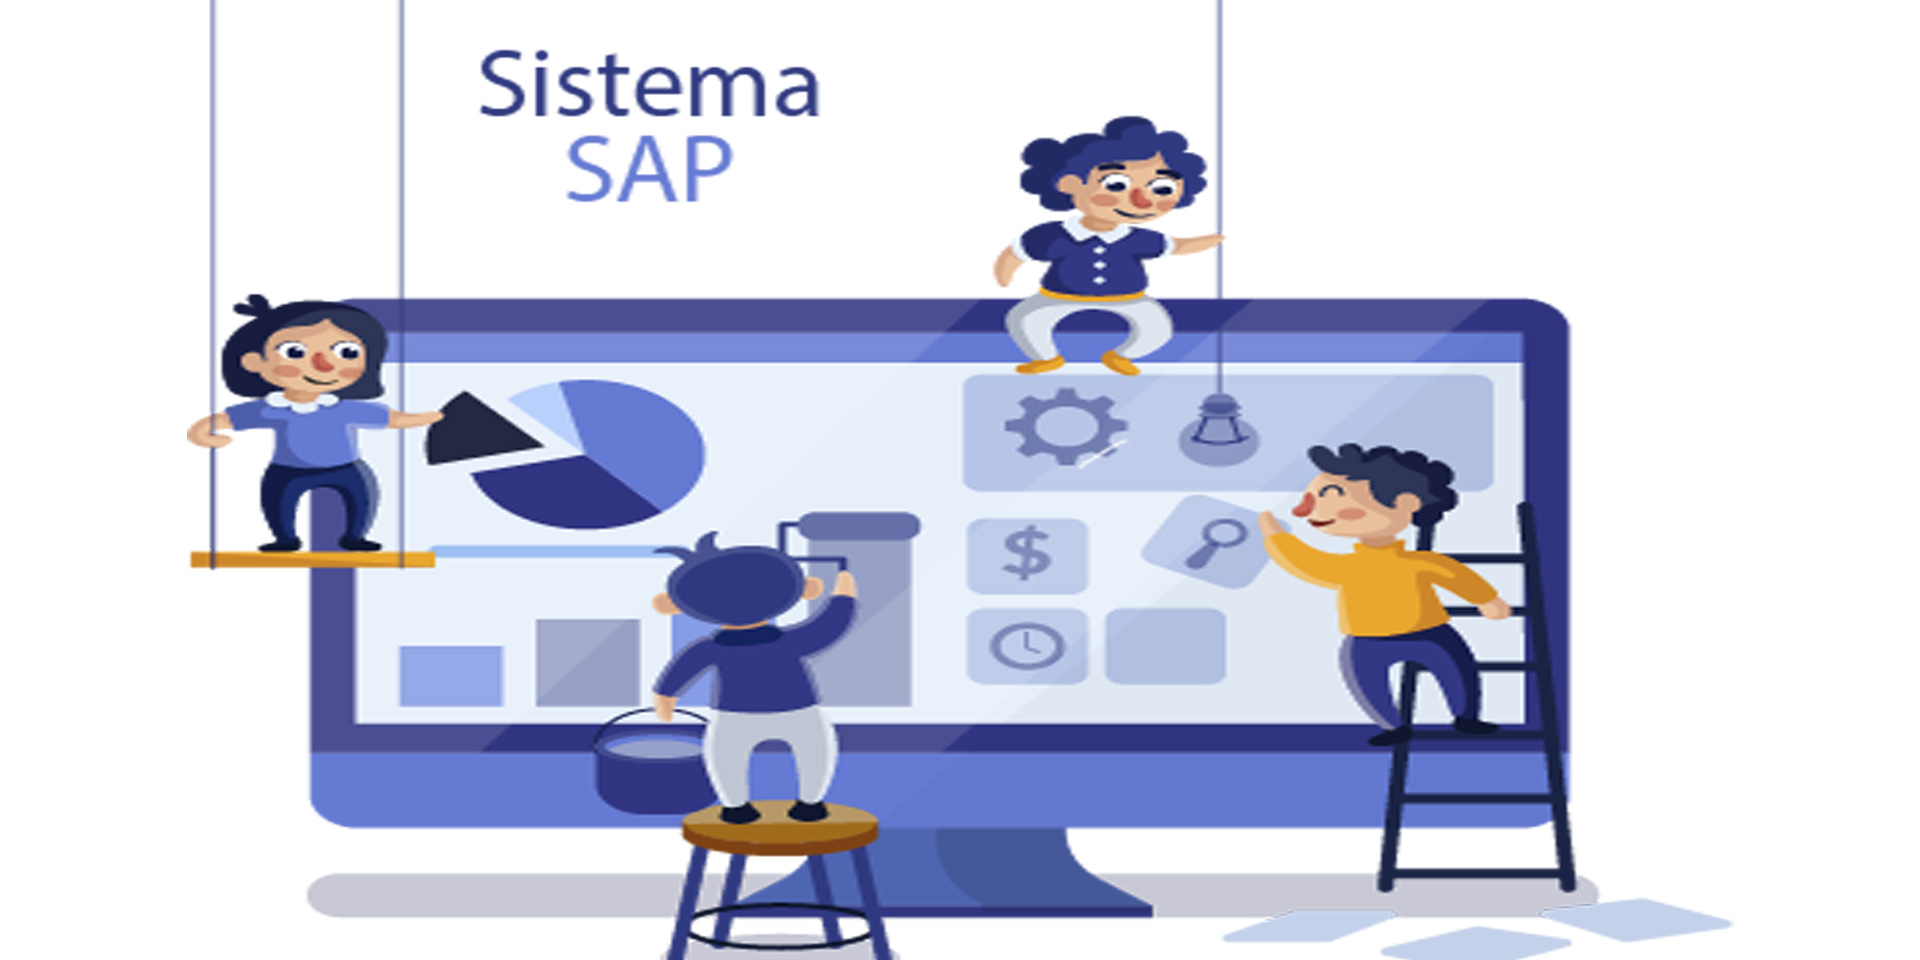 ¿Qué es un SAP? descubre como esta maravilla impulsará tu empresa